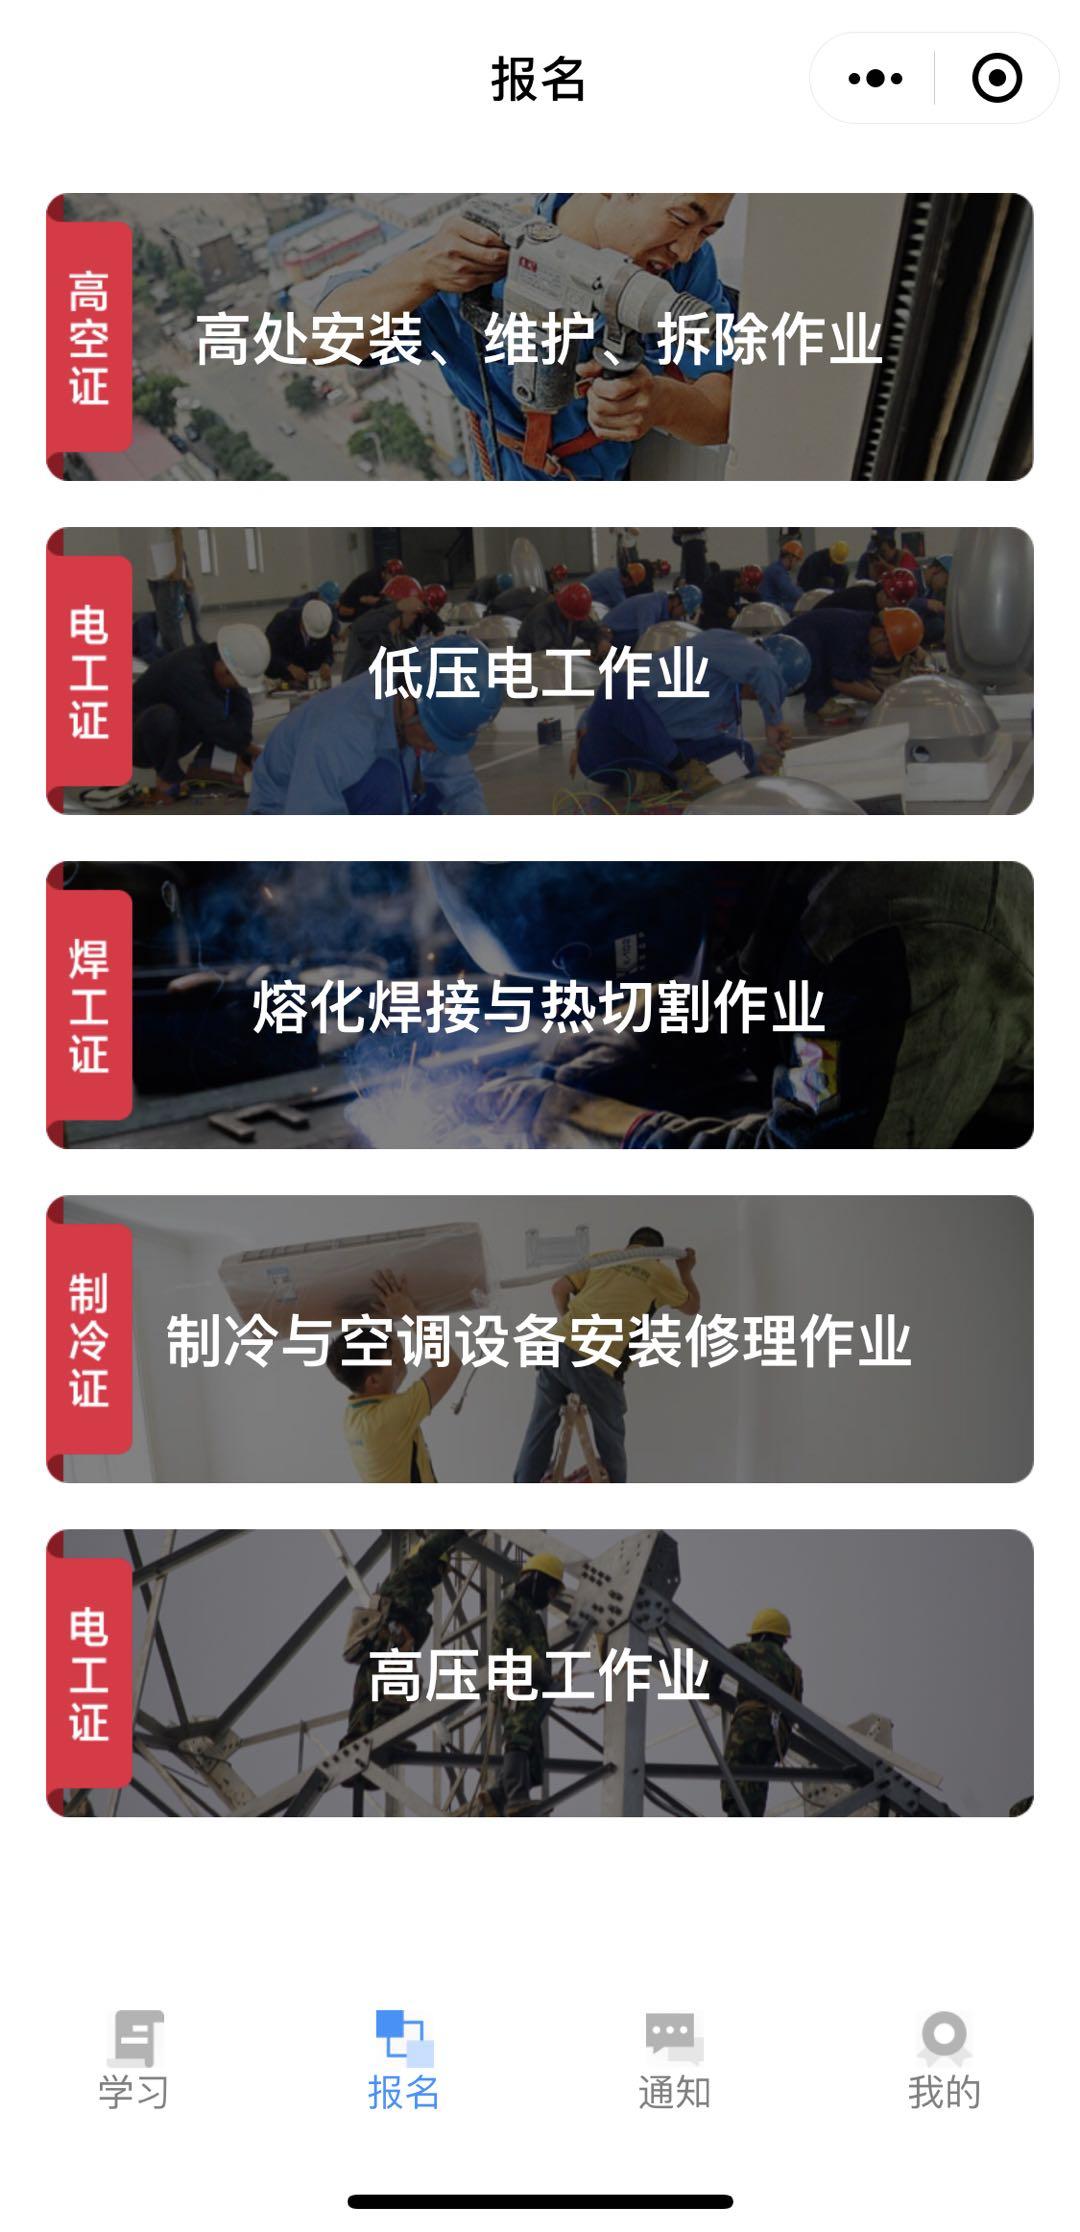 沧州唐山廊坊秦皇岛衡水考点启动 美保特种作业证